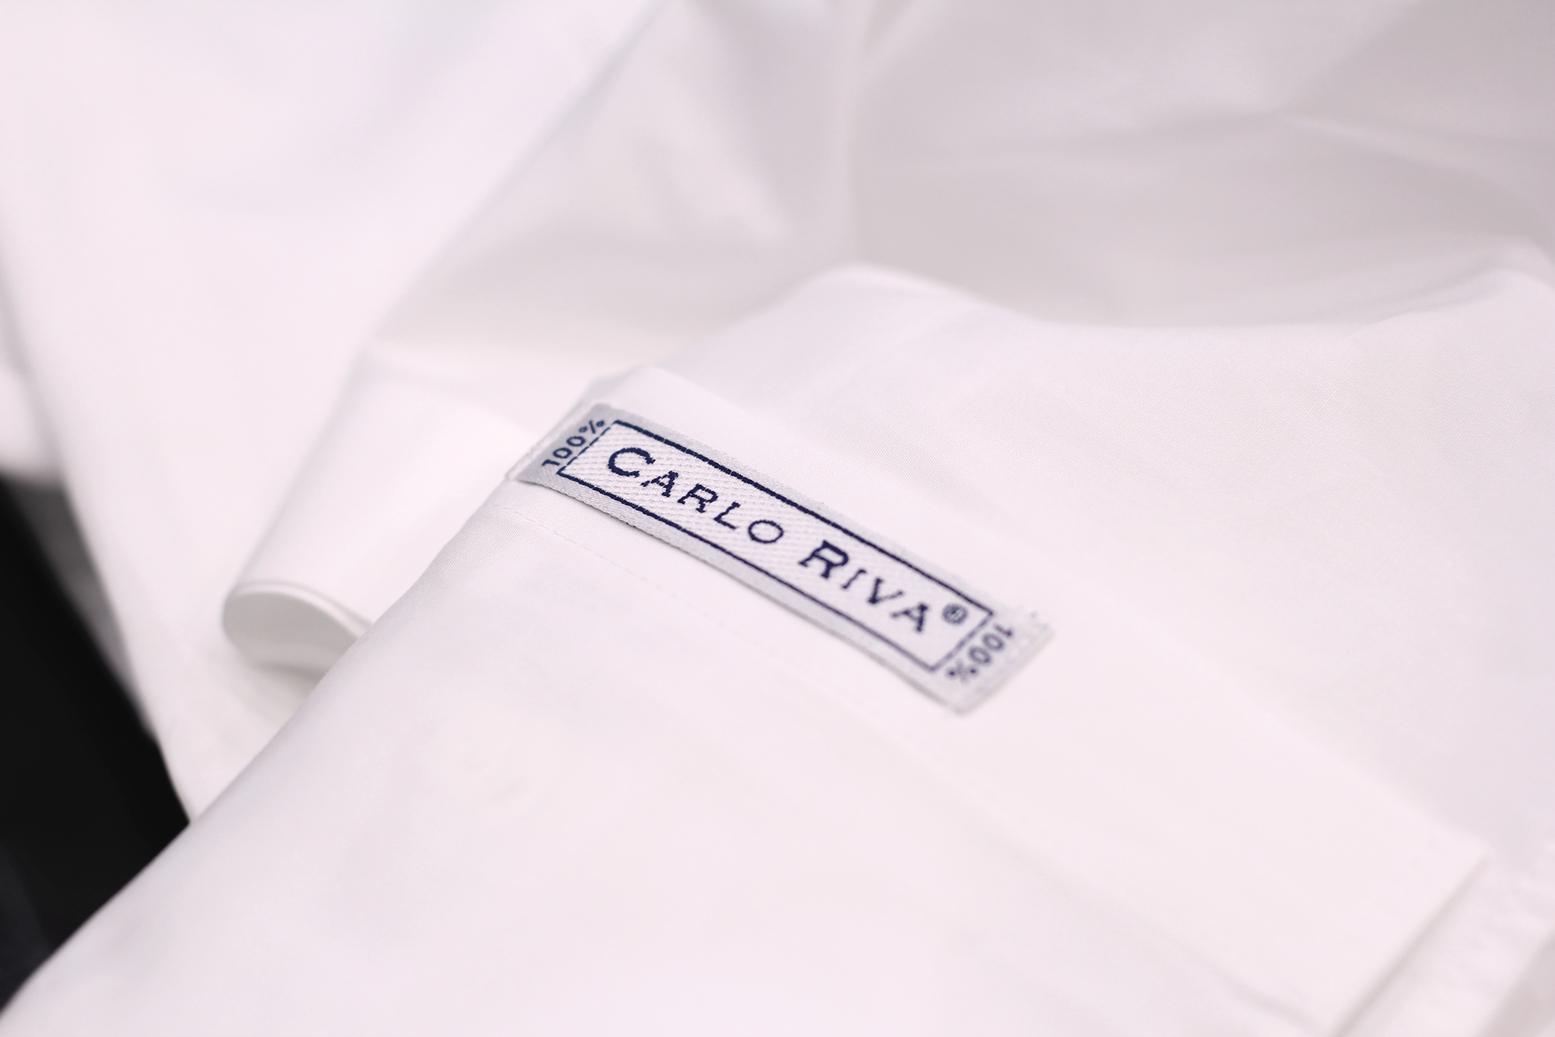 テーラーフクオカ カルロリーバ CarloRiva オーダーシャツ shirt shirting